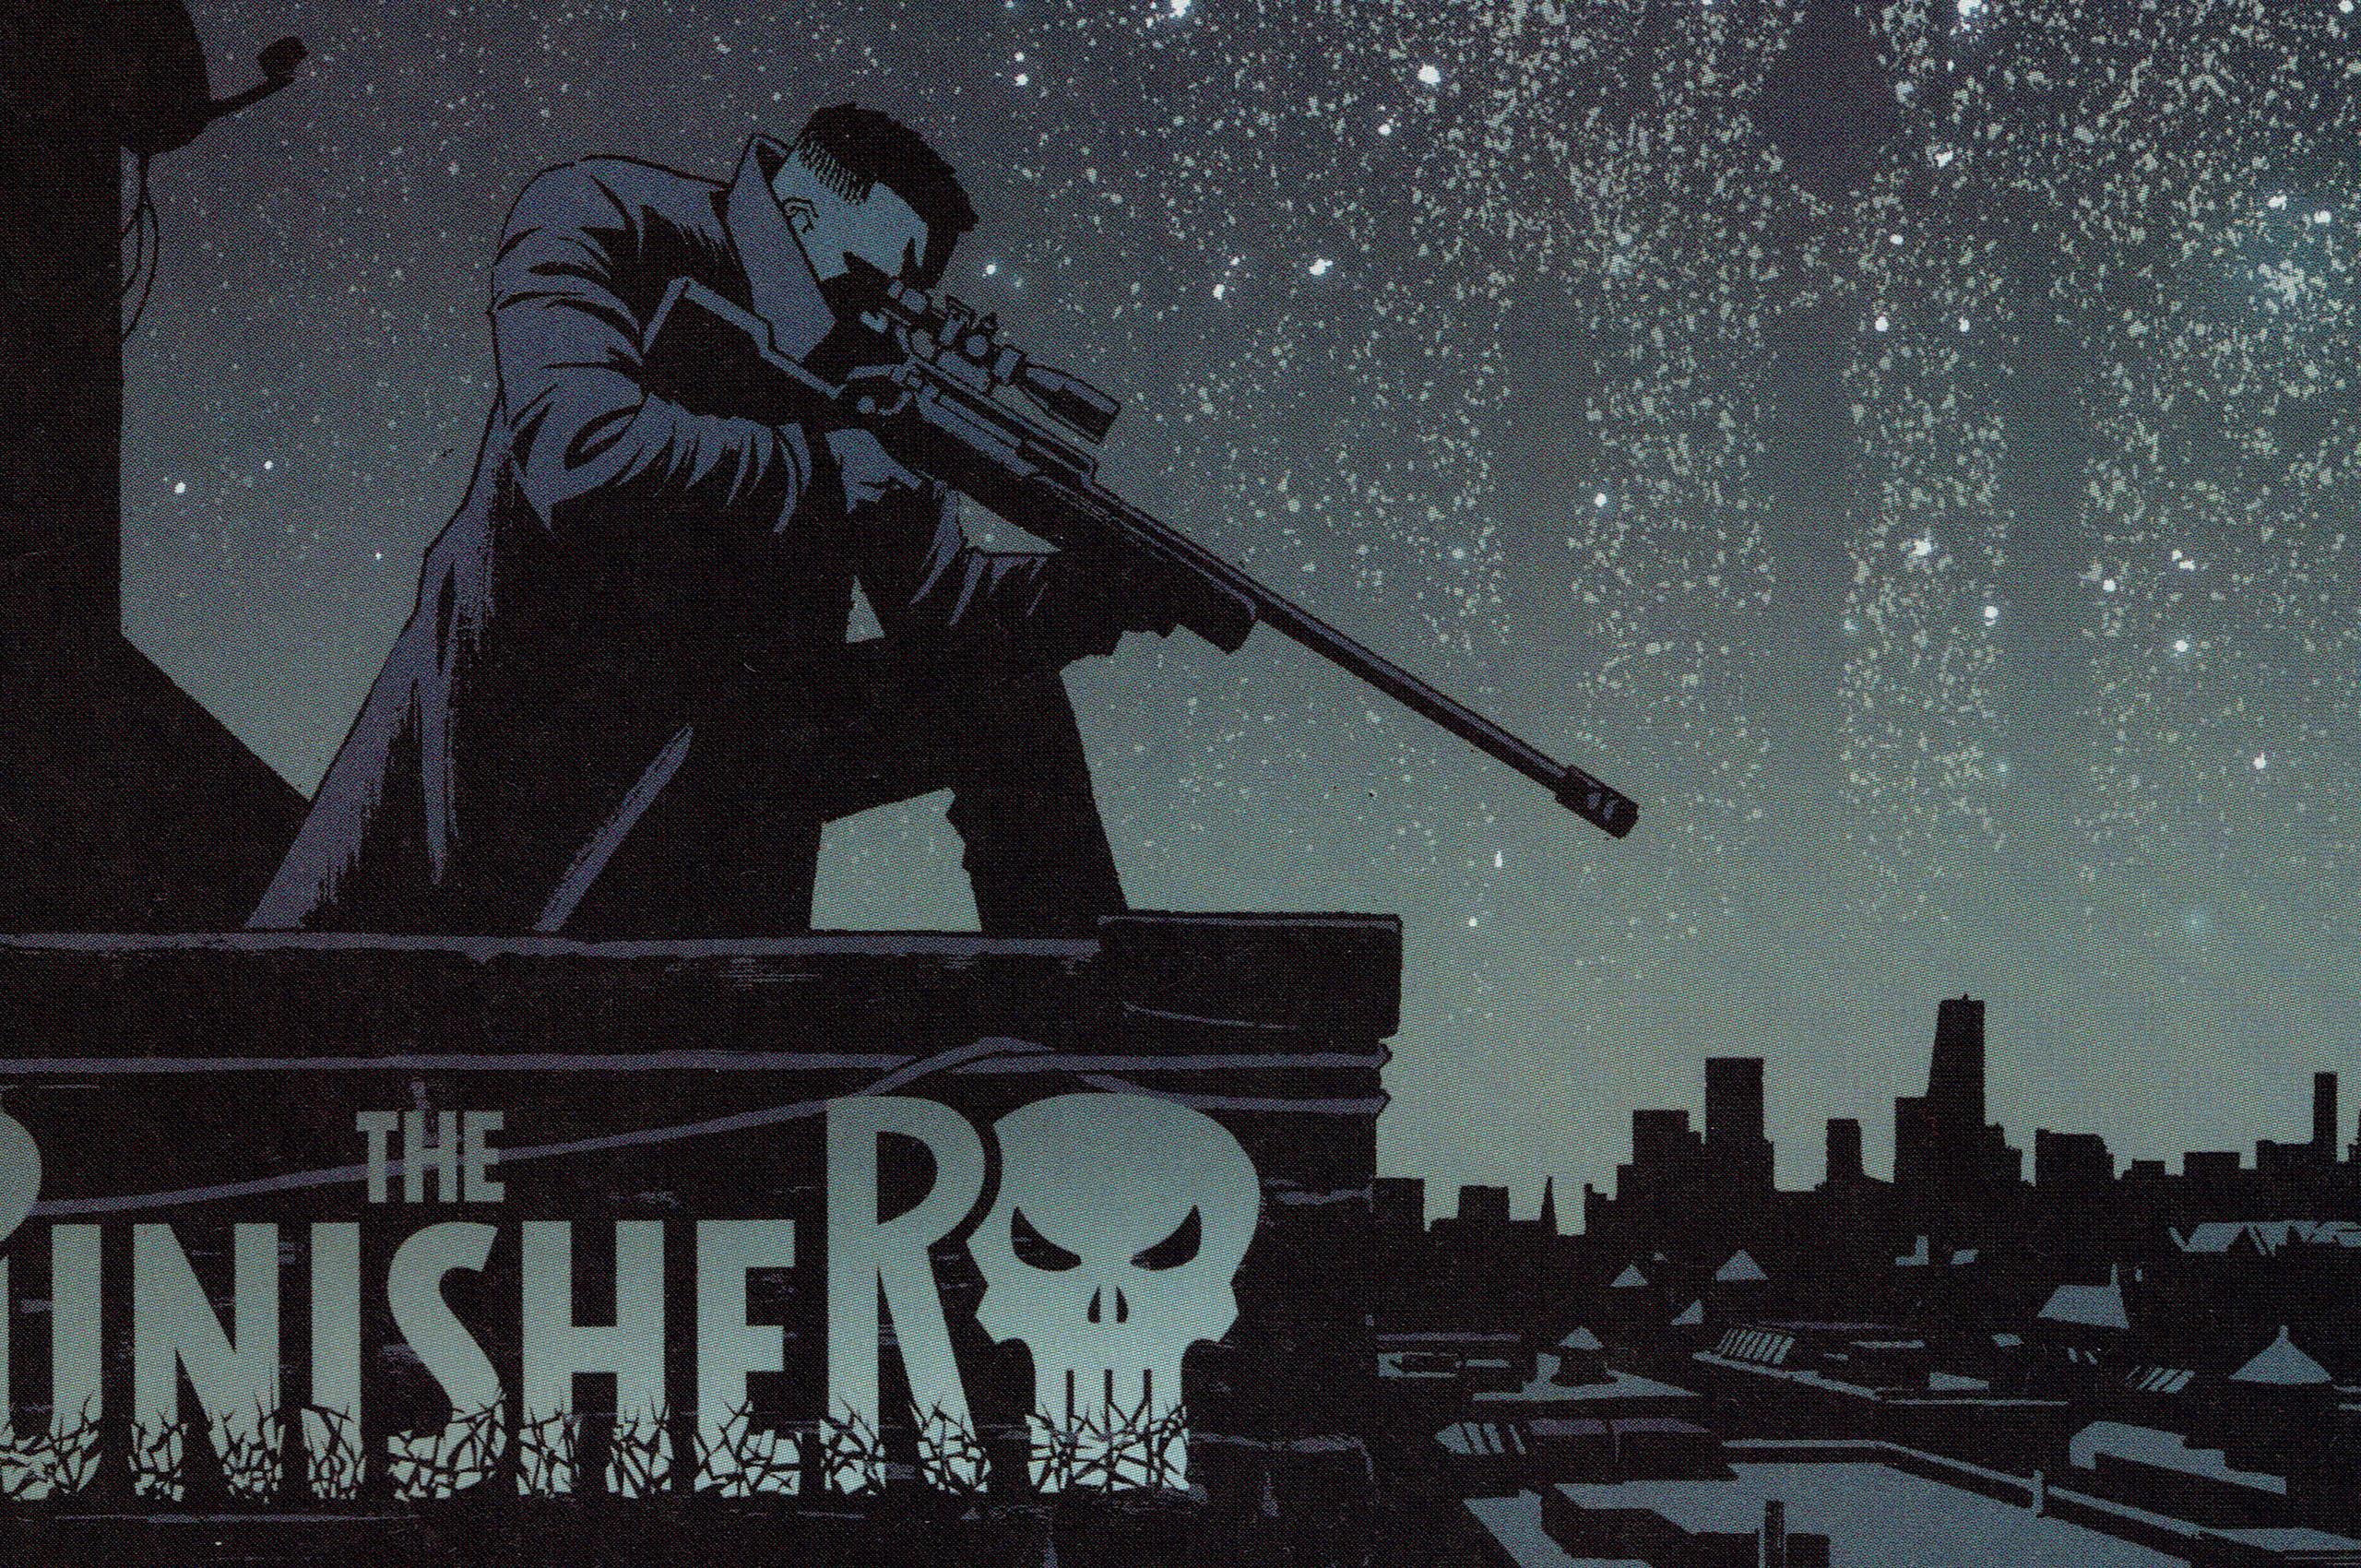 the-punisher-5k-art-hm.jpg